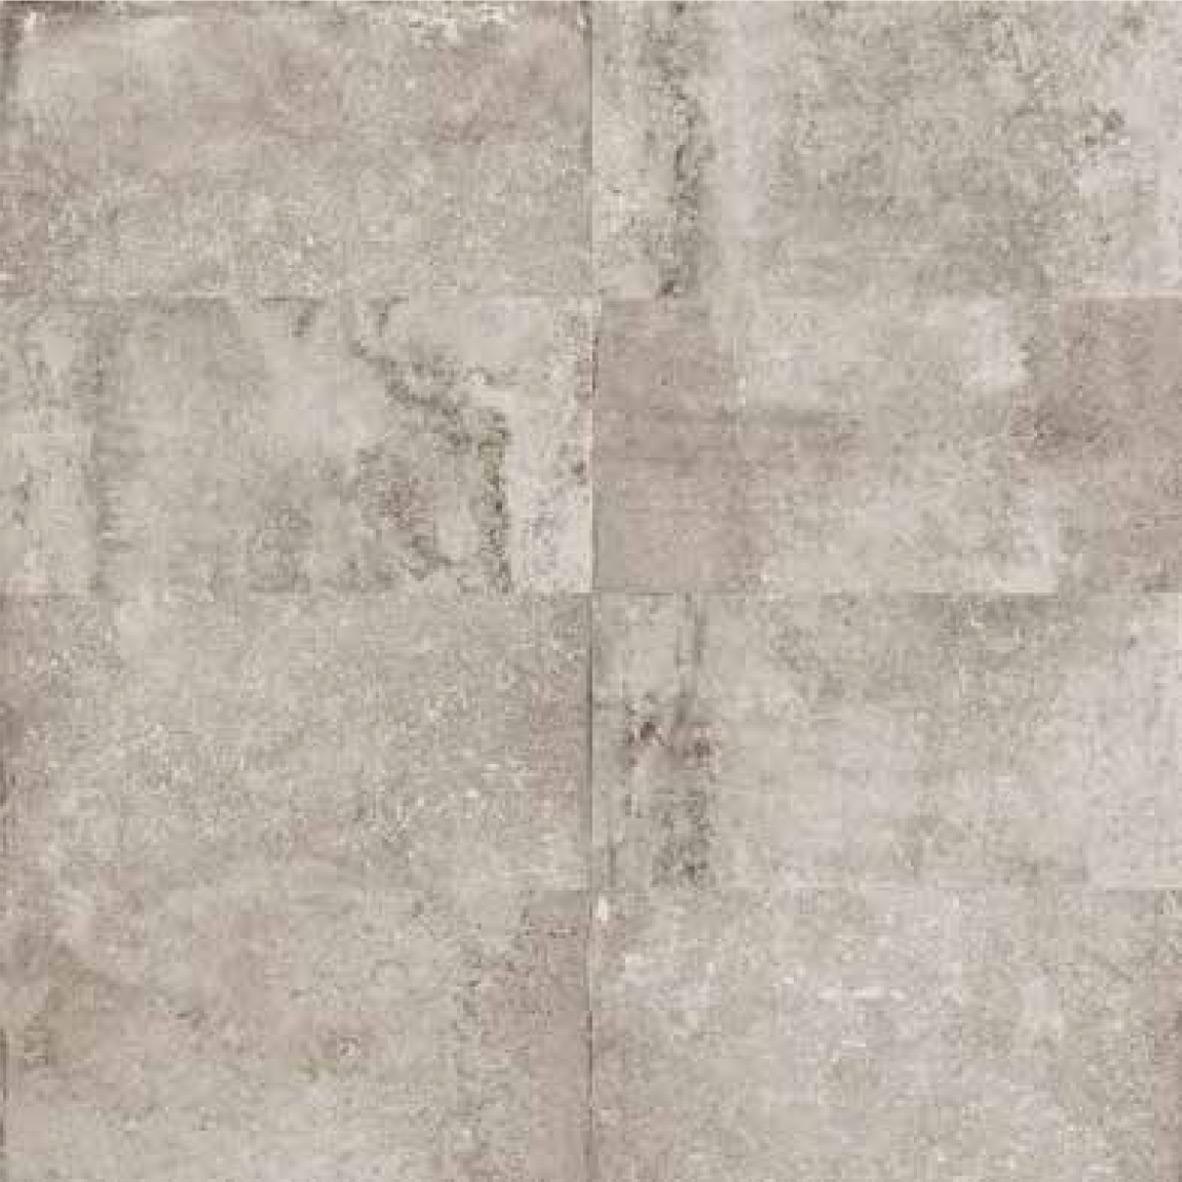 Castelvetro Always Grigio 2592 Boden-/Wandfliese 60x60 Matt